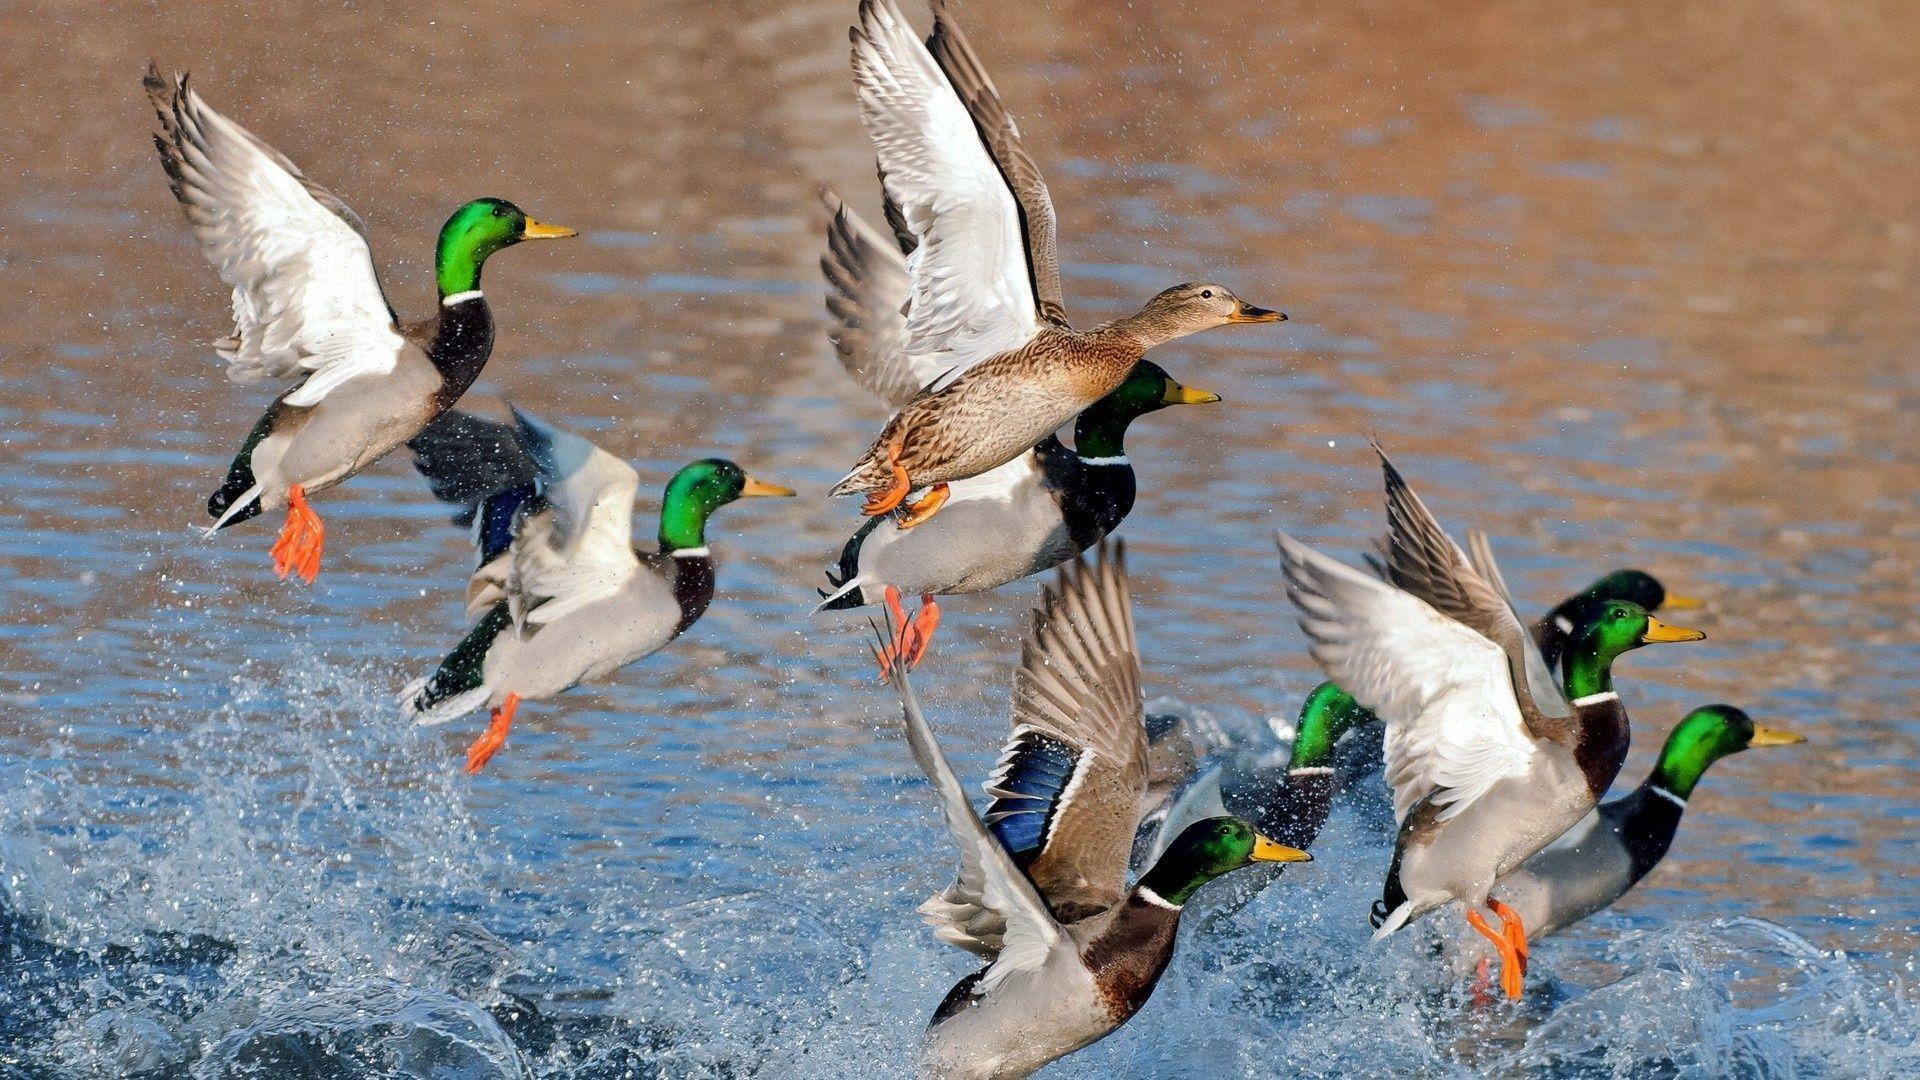 Duck Hunting Desktop Wallpapers - Top